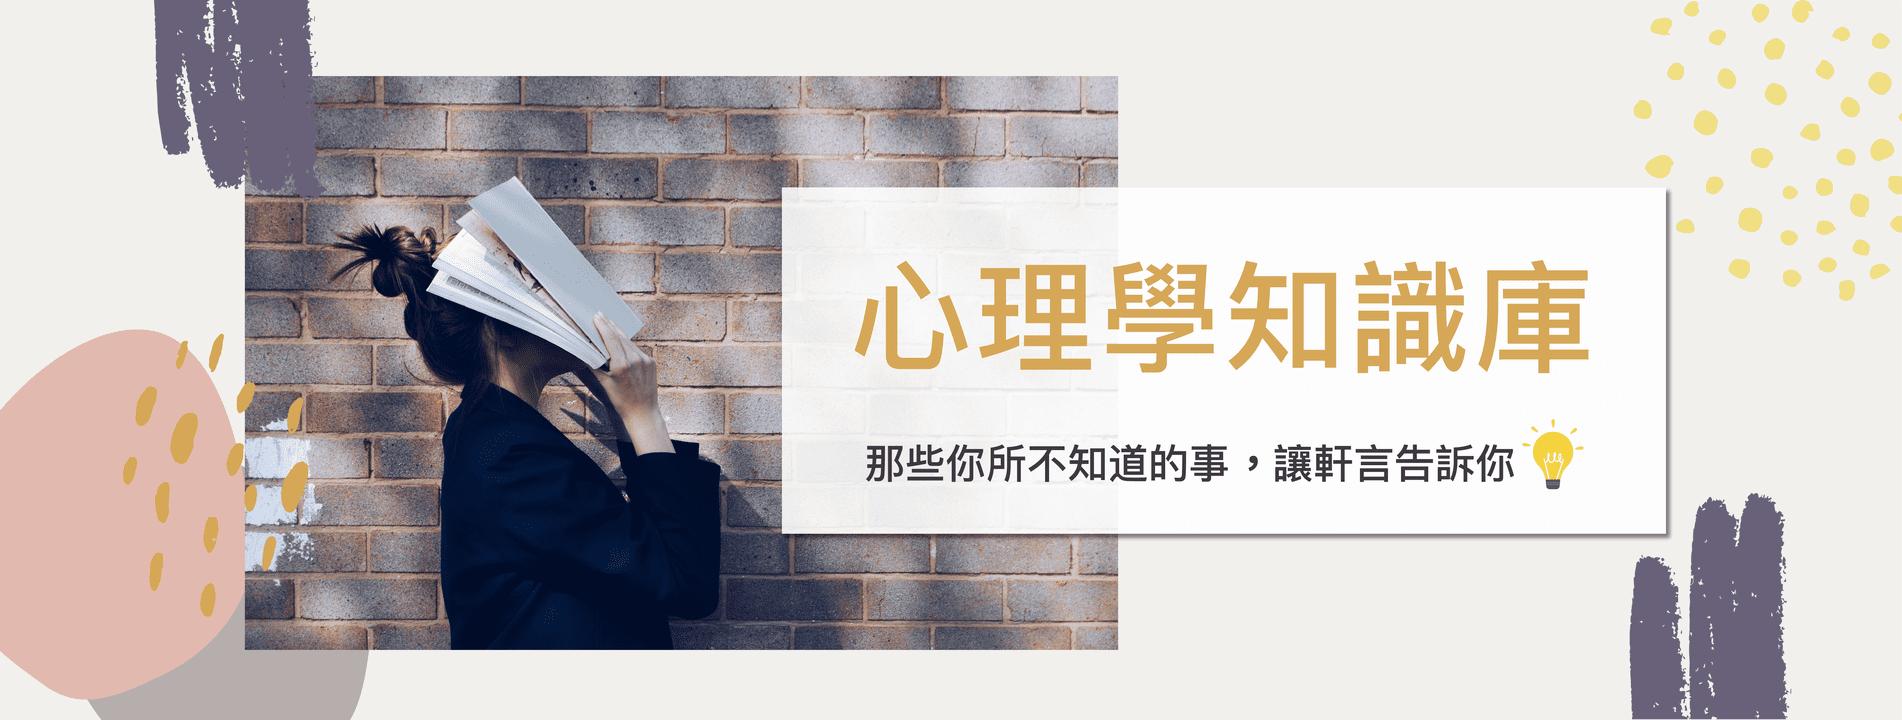 Psychology Banner 02